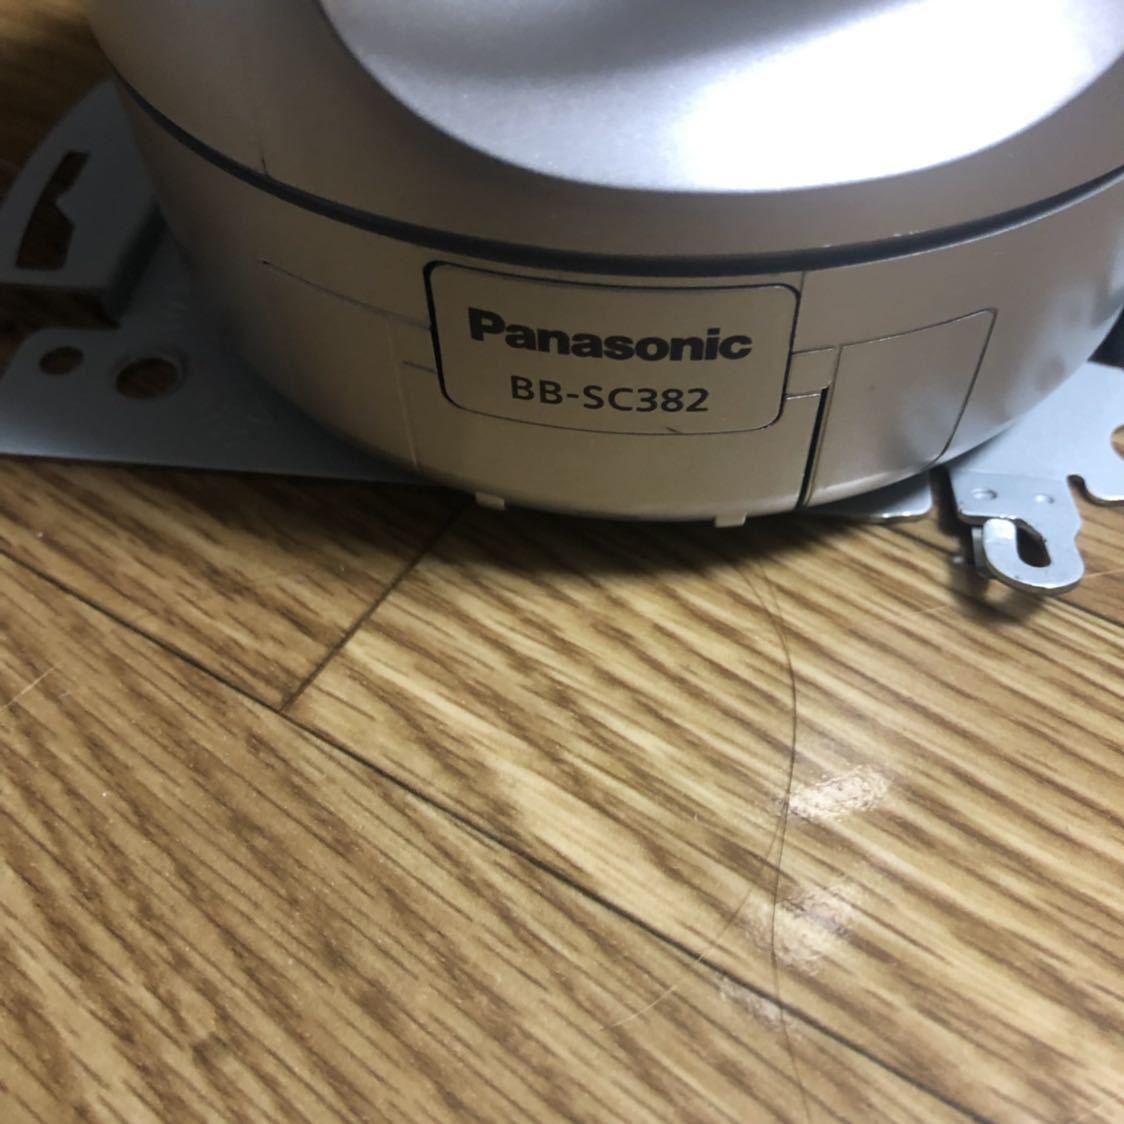 【中古品】Panasonic 屋内ネットワークカメラBB-SC382 HCM580 防犯カメラ 遠隔_画像4